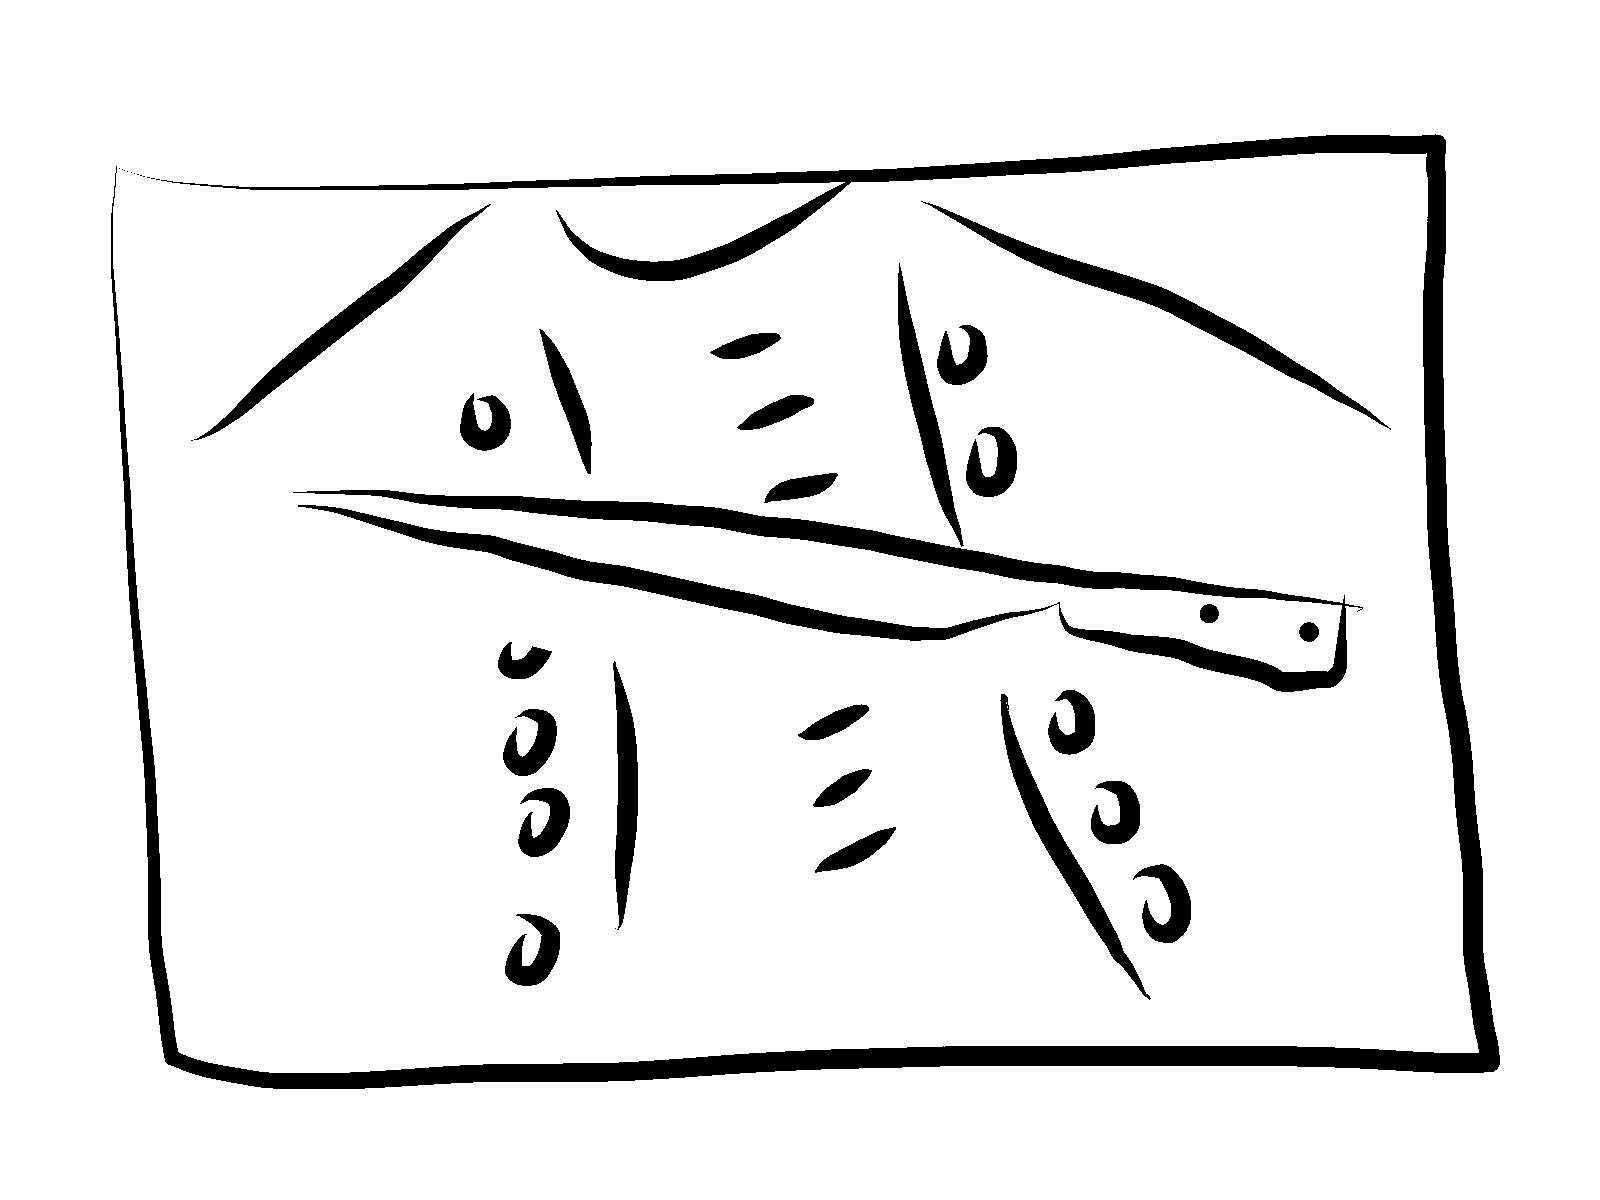 Coltello e grembiule / Knife and apron